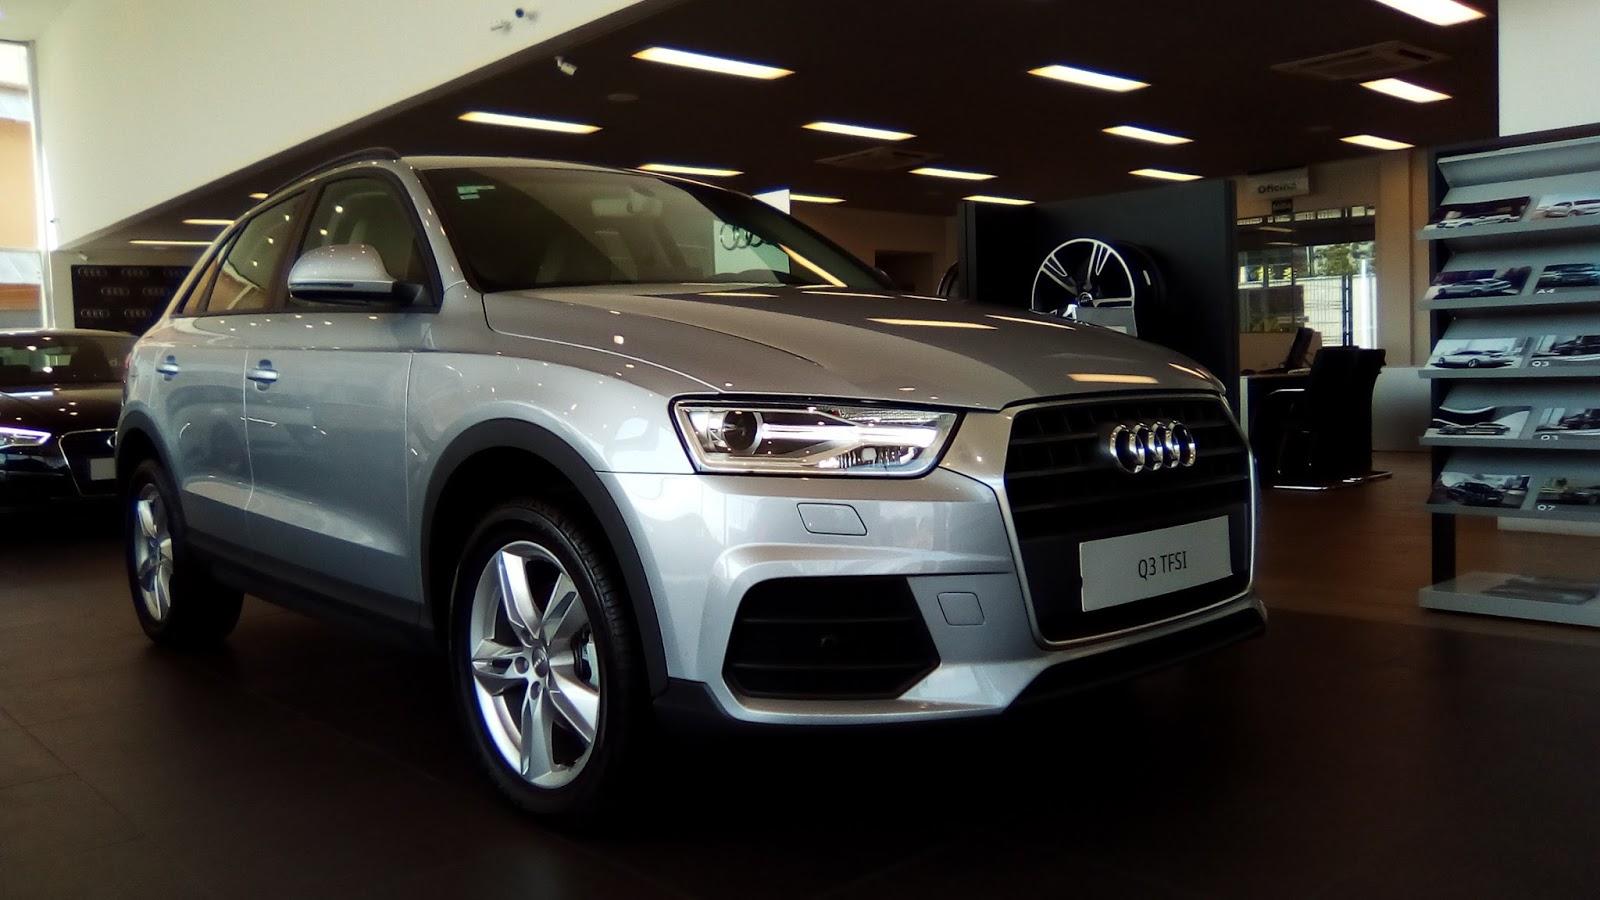 Vencedor de várias premiações, Audi Q3 está disponível com as melhores condições do ano